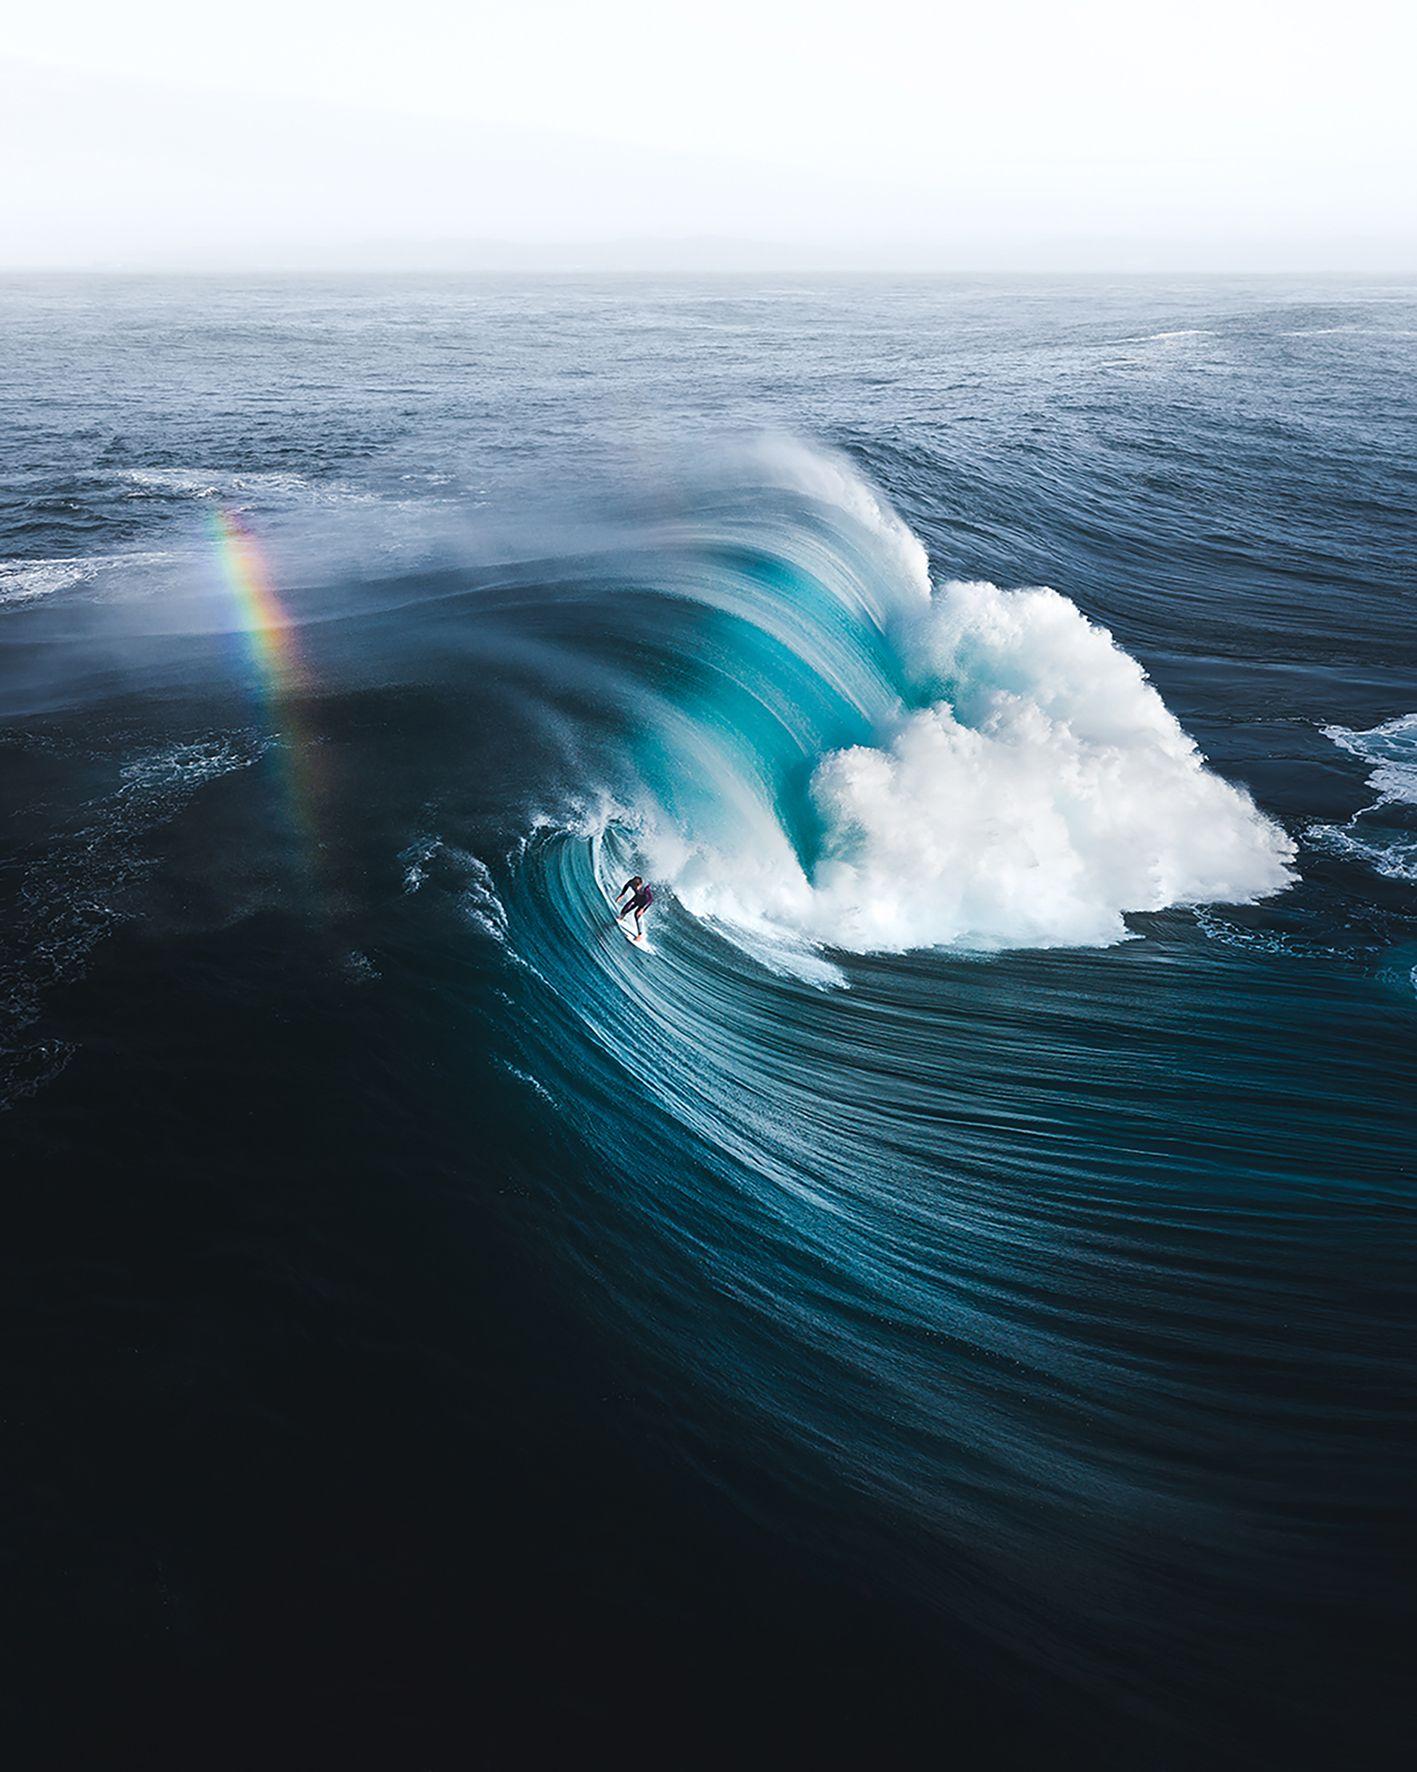 Phil-de-Glanville-ocean-photography-awards